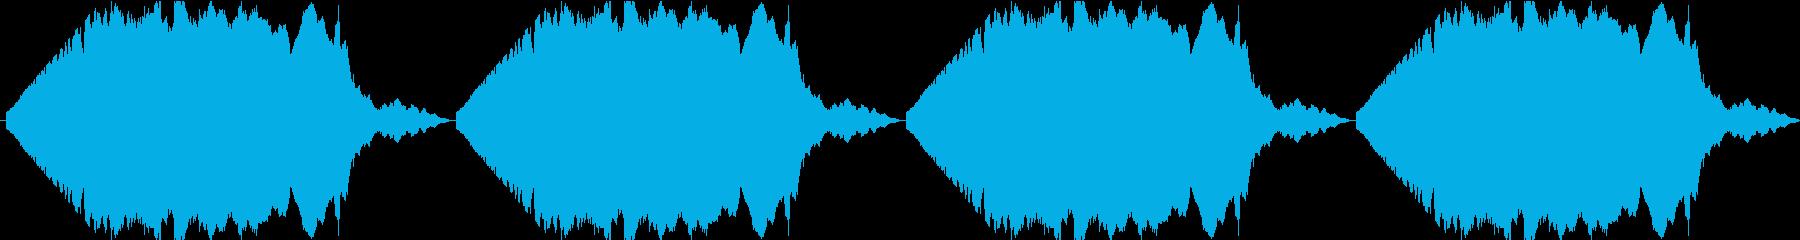 サイレンの音【緊急事態】・ループの再生済みの波形